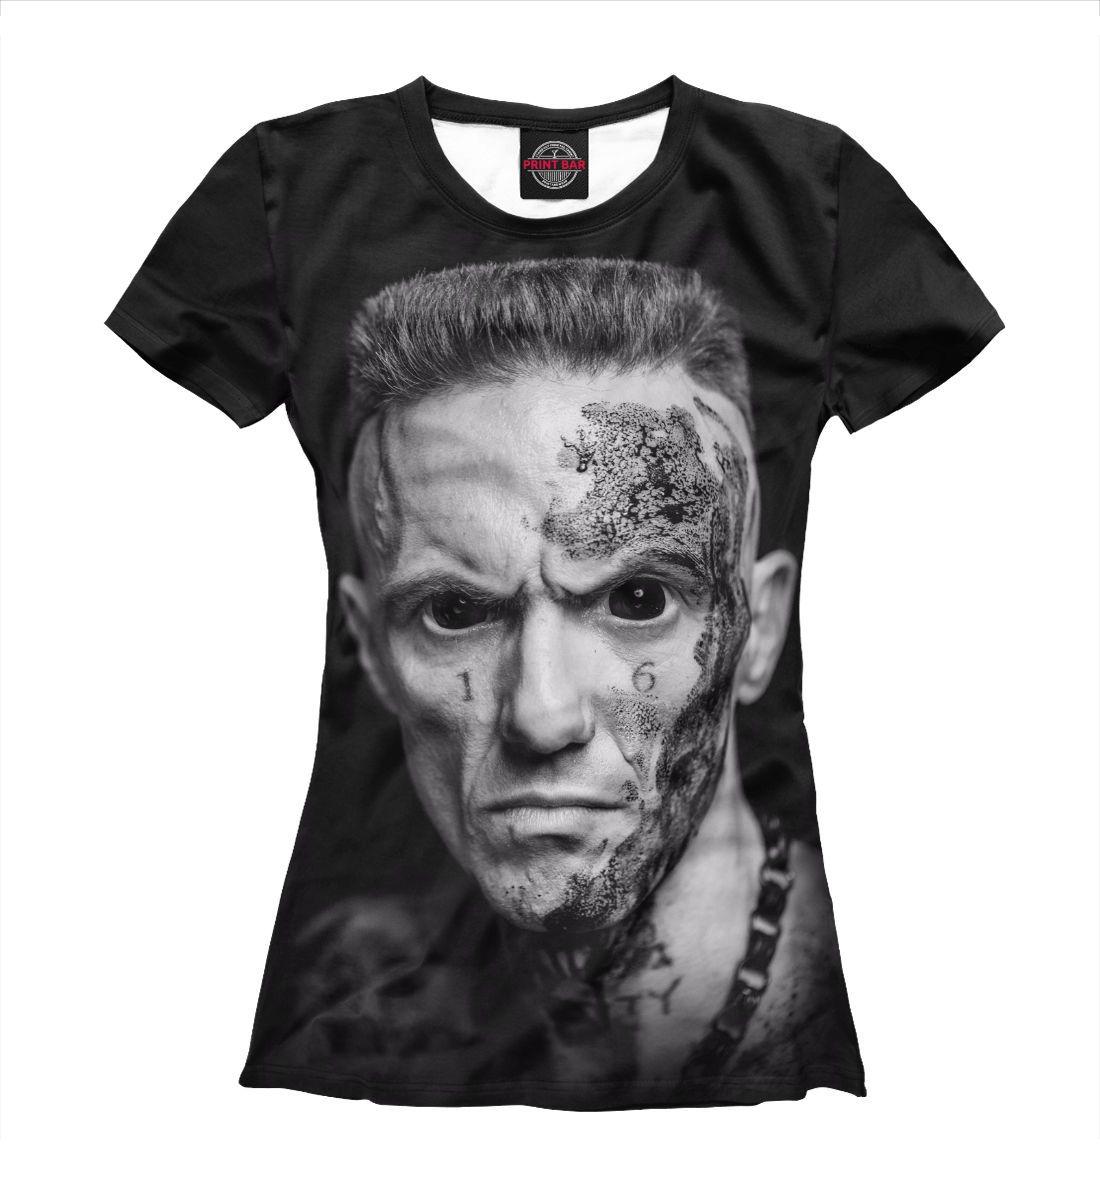 5e453d276 Ugly Boy T Shirt - Catalyst PSM